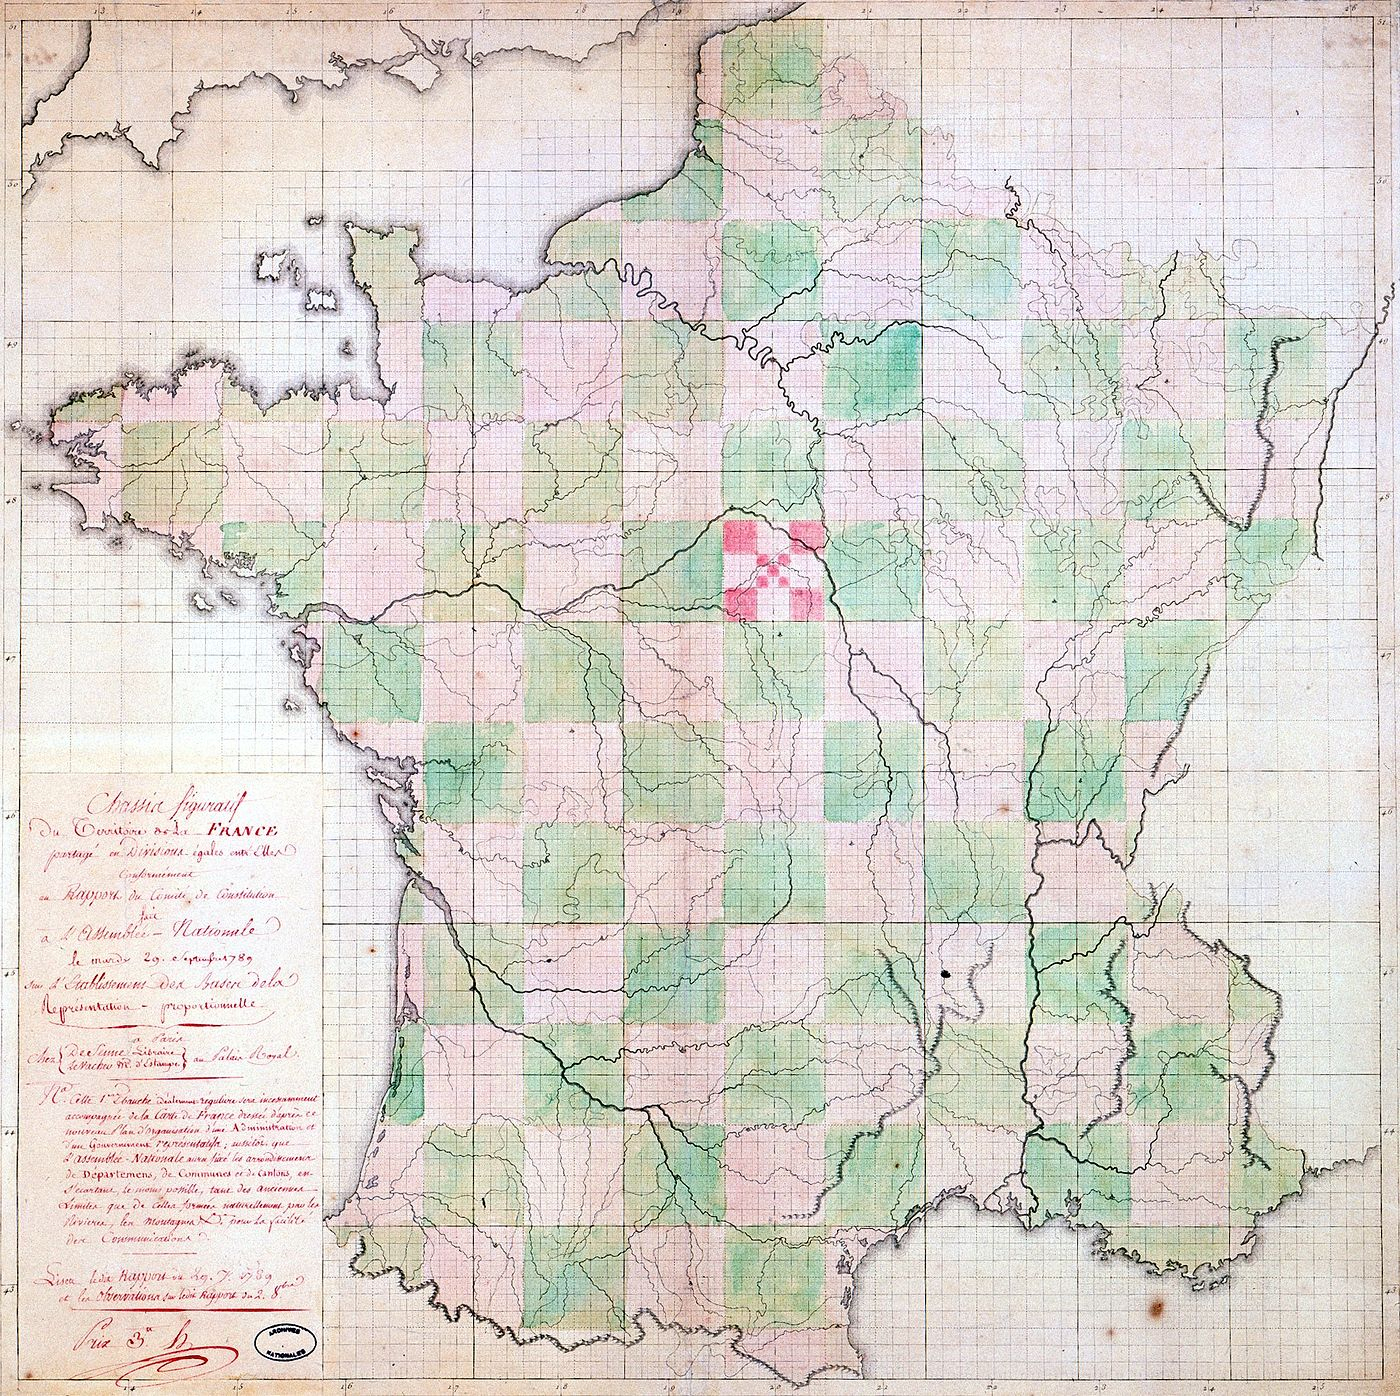 La Formation Des Départements | Histoire Et Analyse D'images avec Carte Avec Les Departement